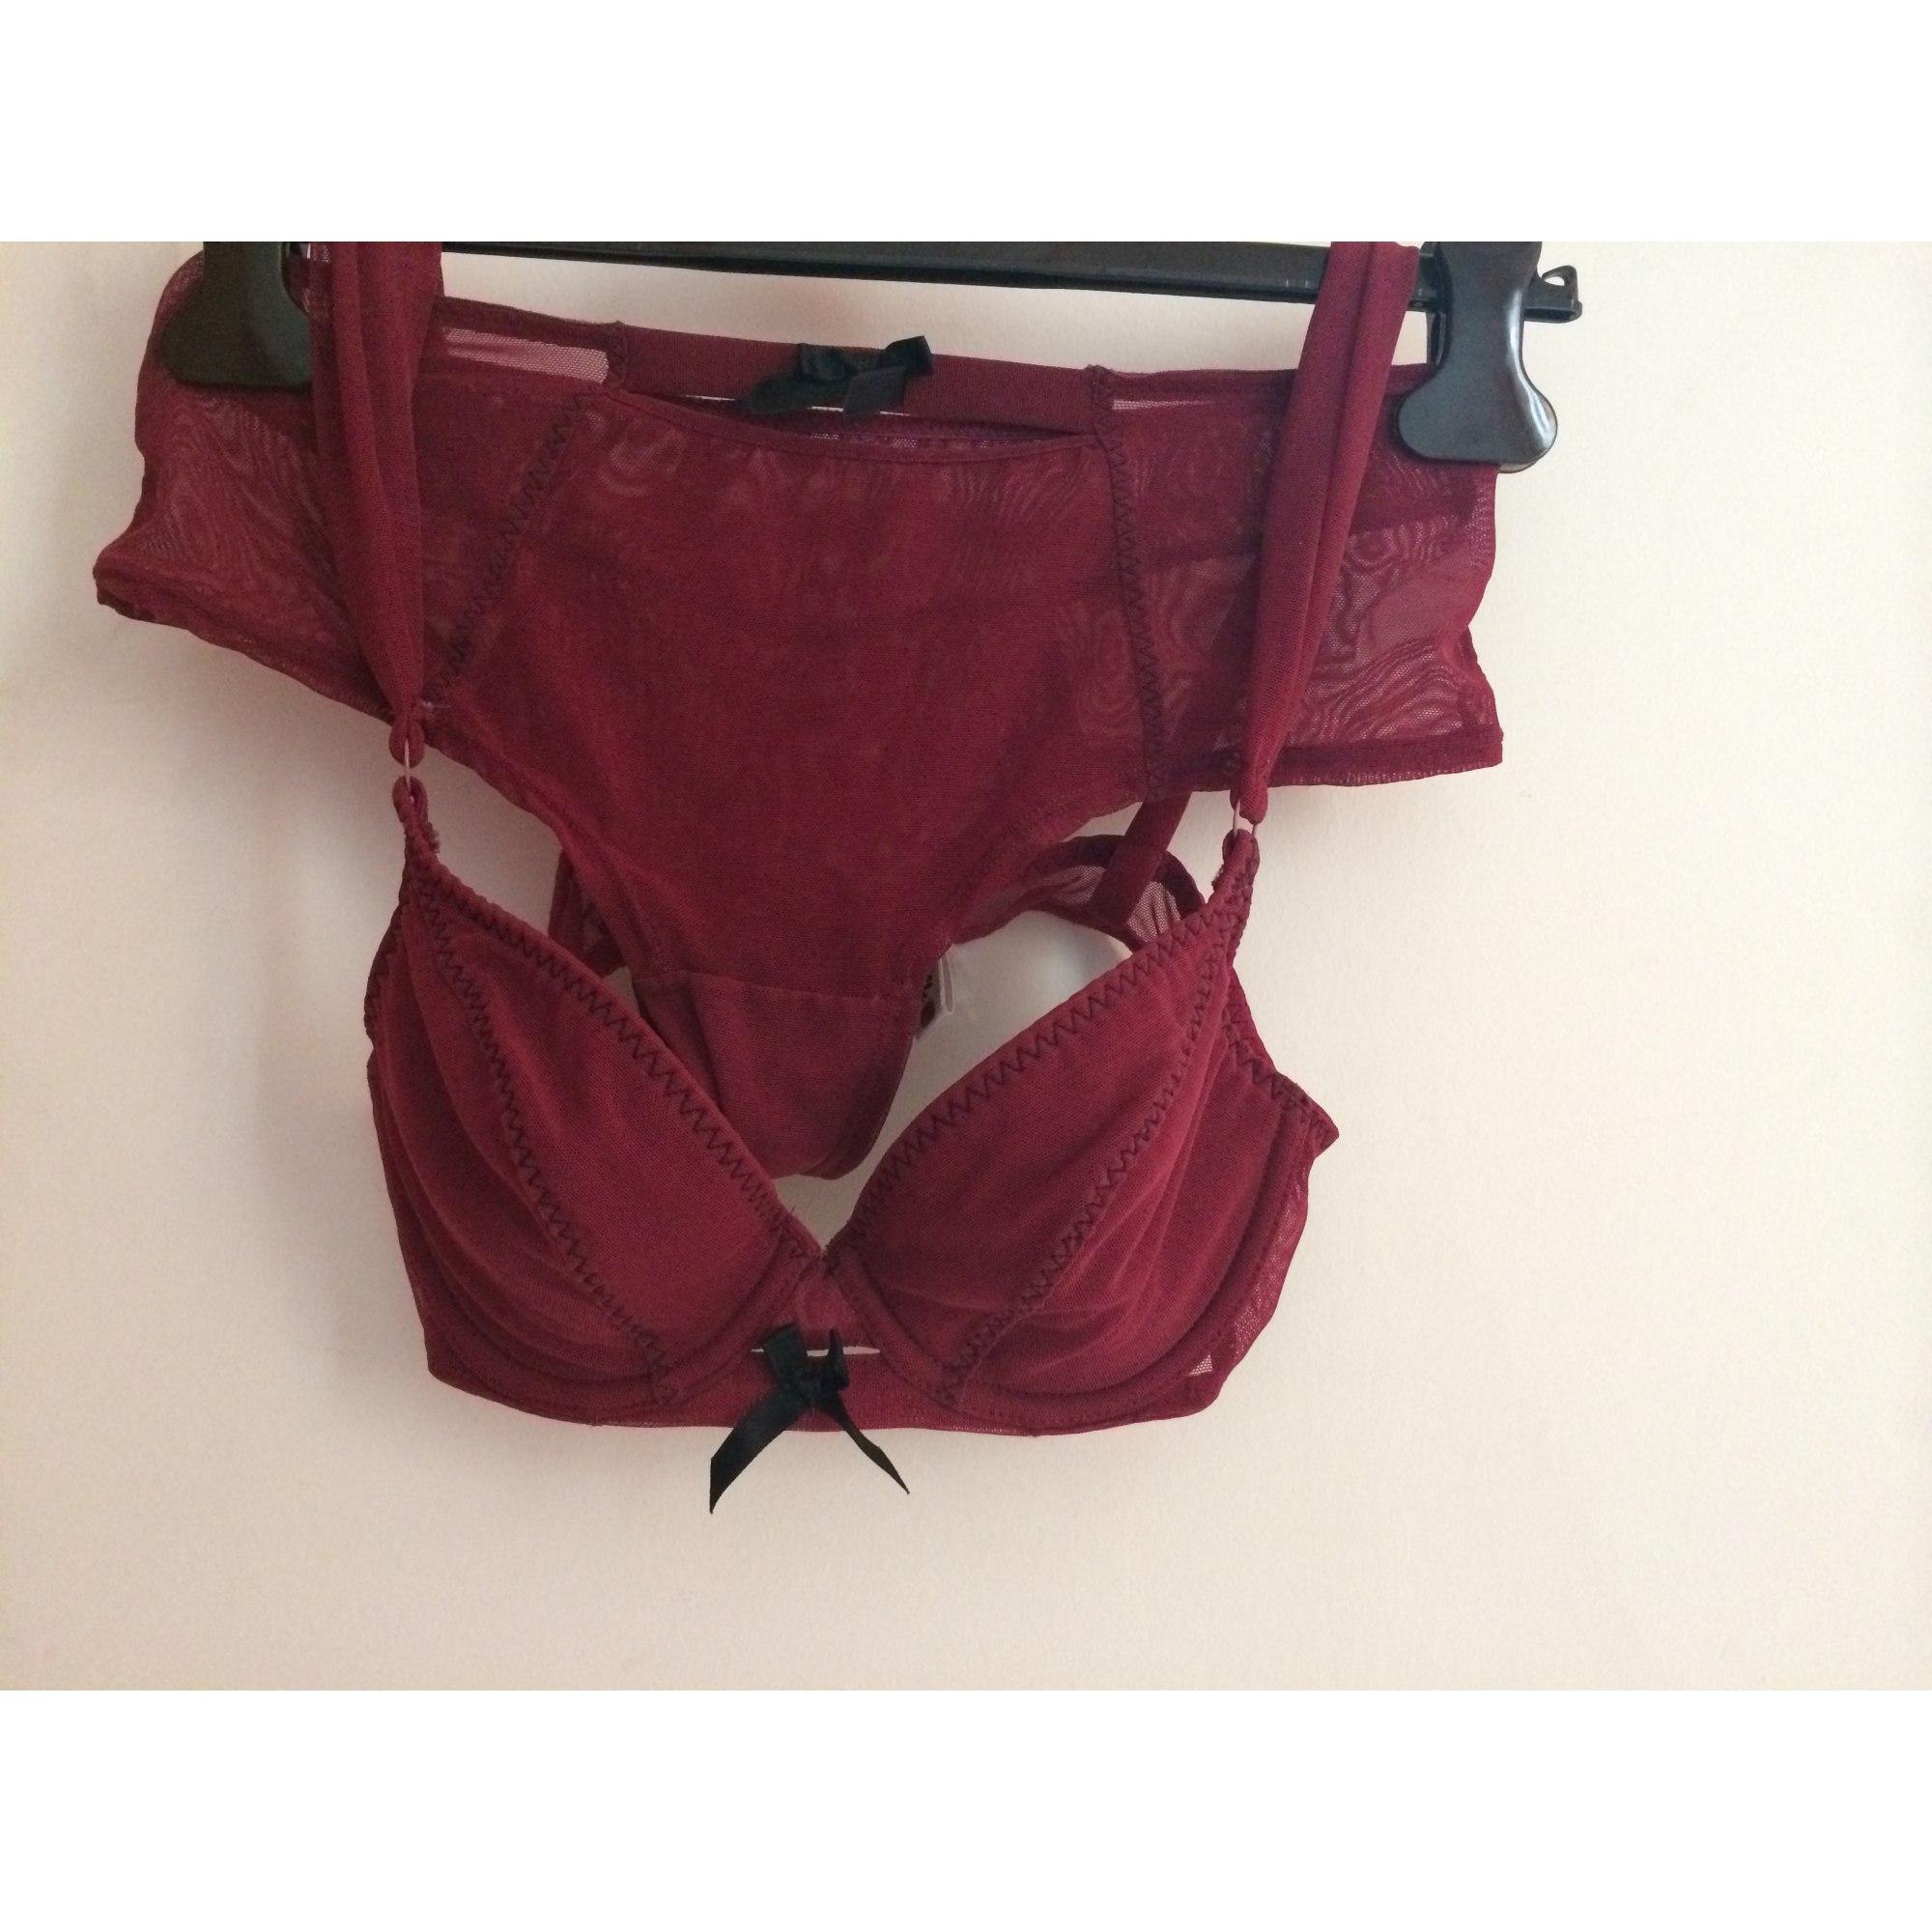 Ensemble, parure lingerie CANNELLE Rouge, bordeaux